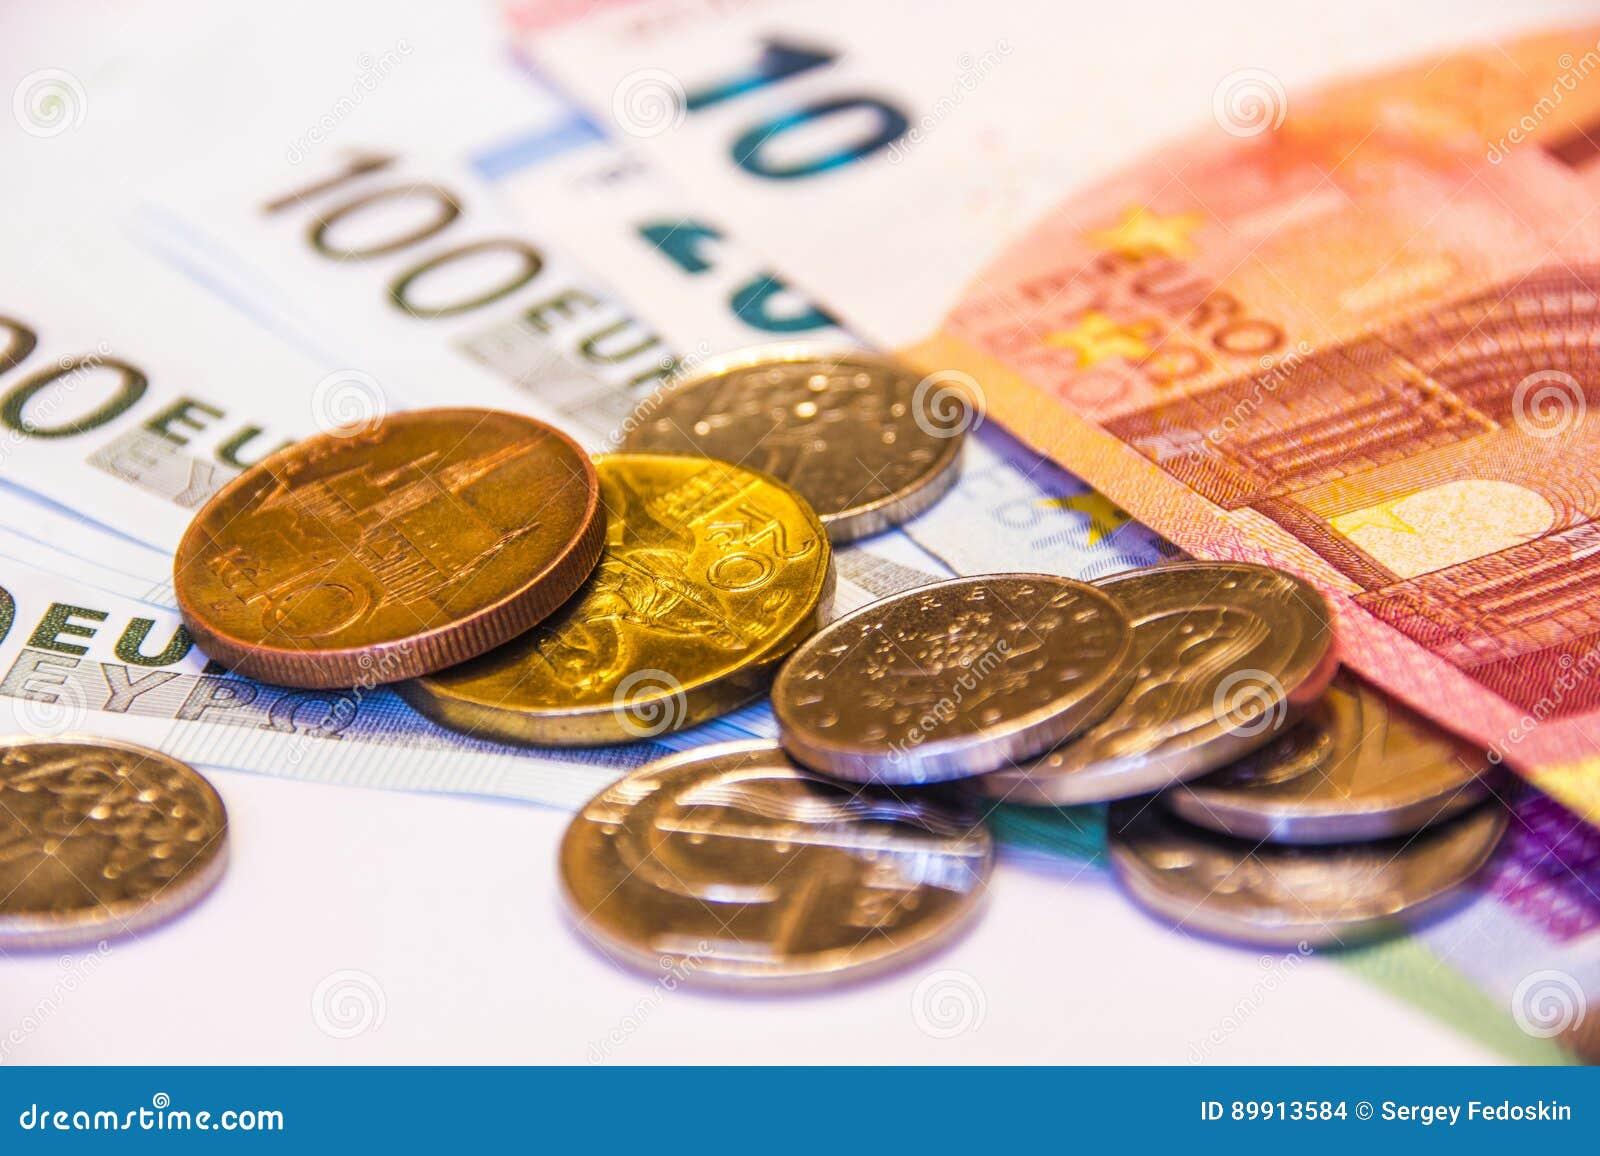 tjeckiska kronor till euro